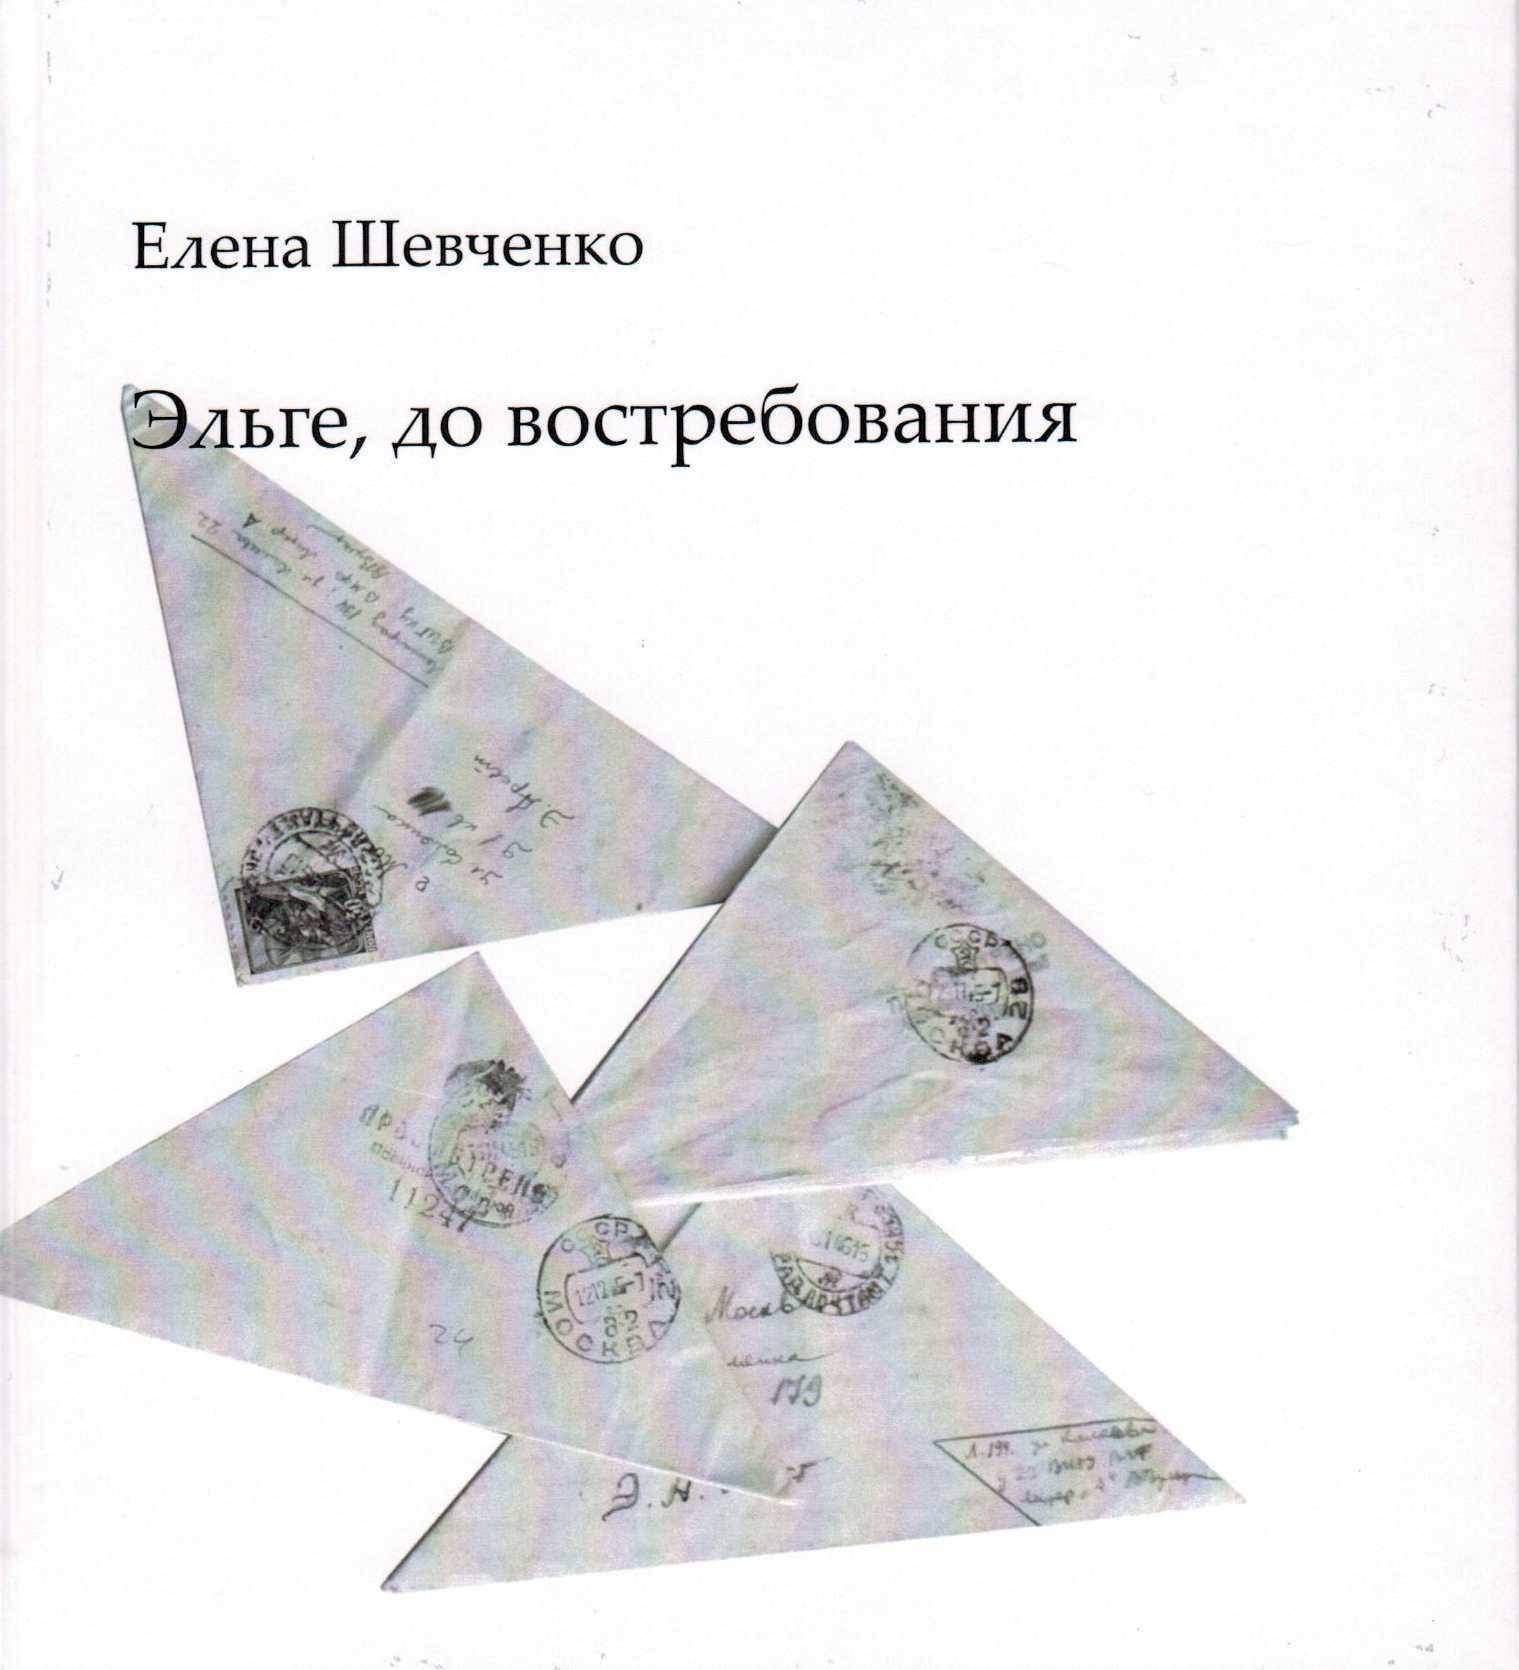 Елена Михайловна Шевченко Эльге, до востребования солнцева н все совпадения неслучайны